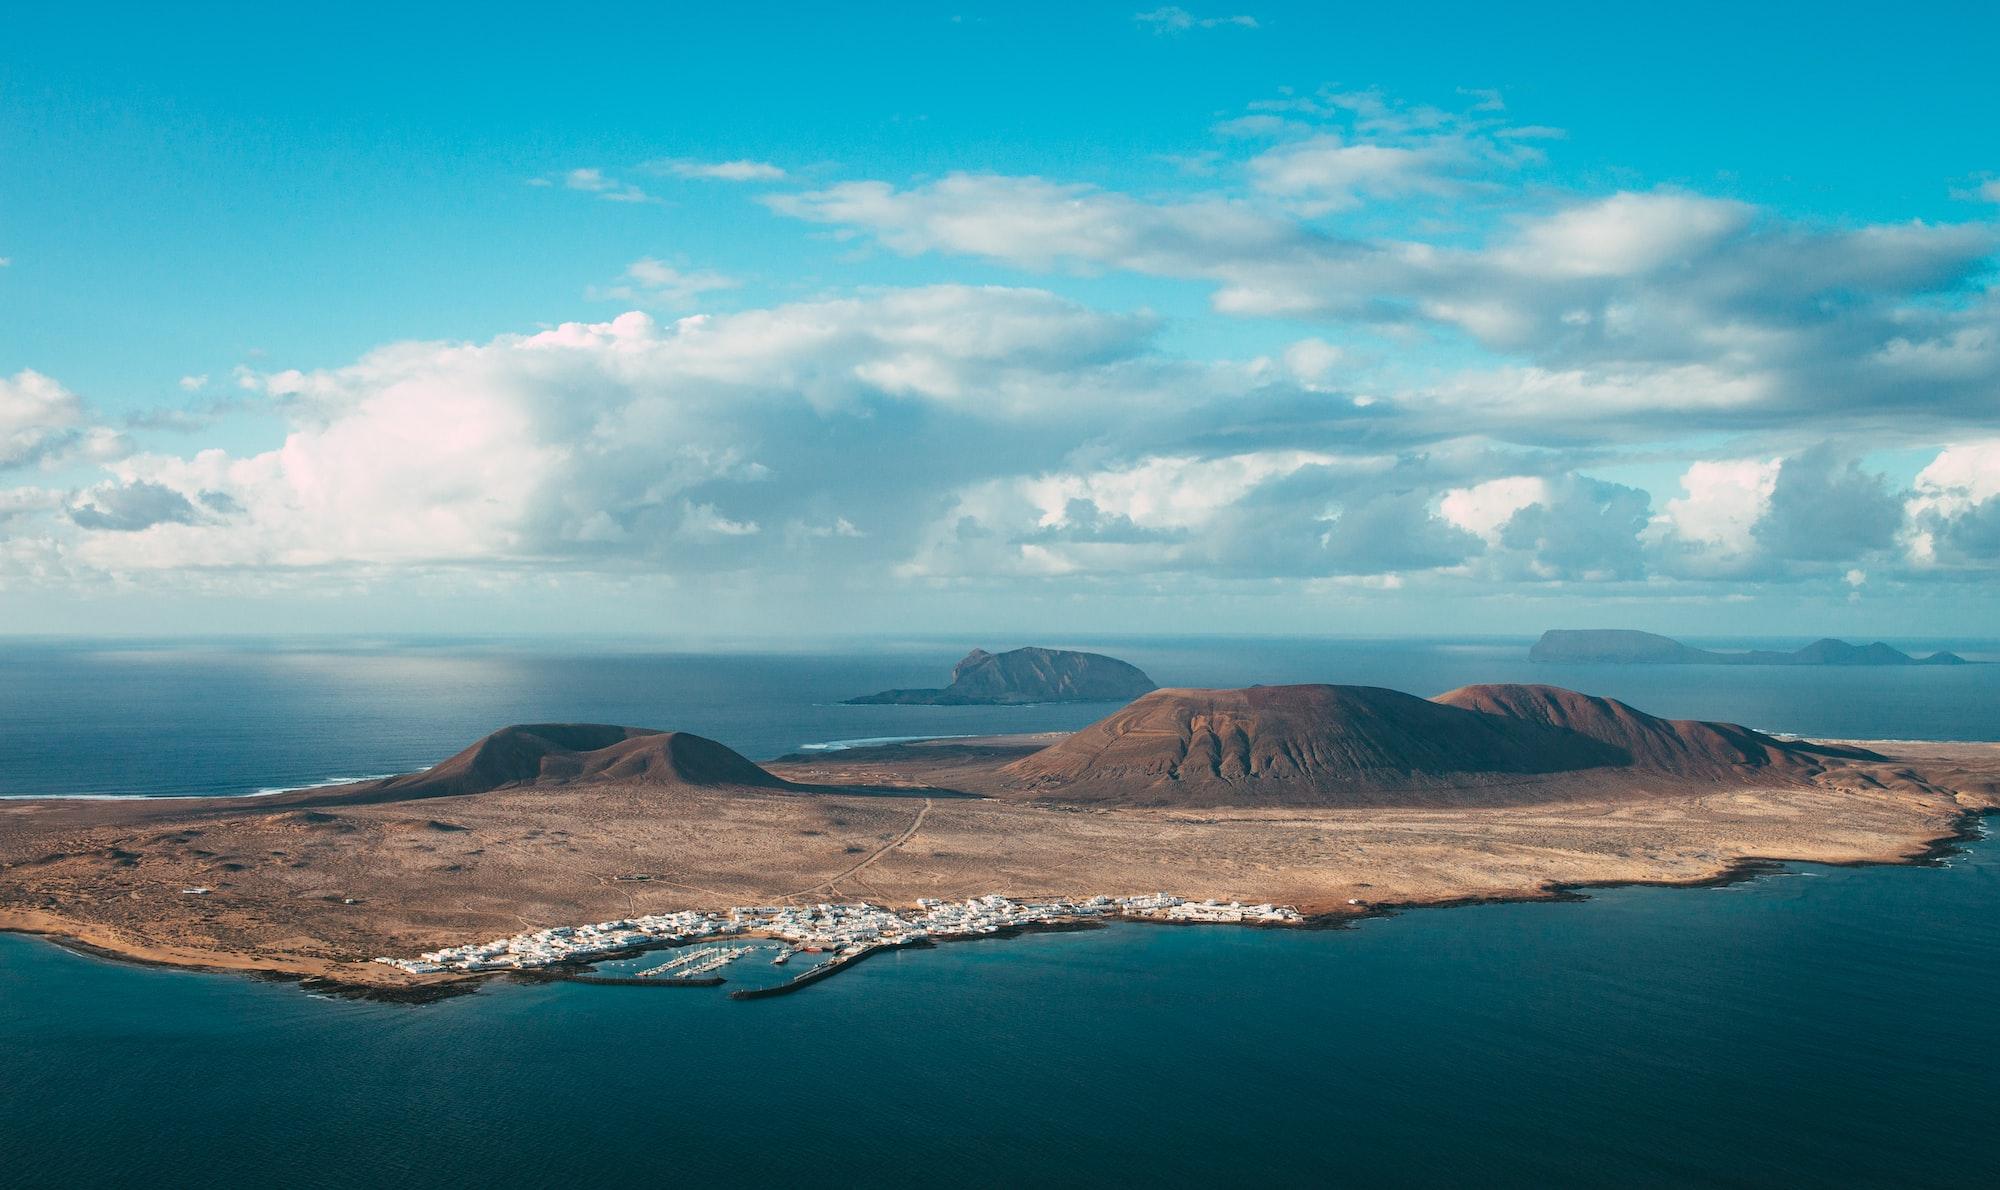 Viajes baratos a las islas de España este verano, desde 24€